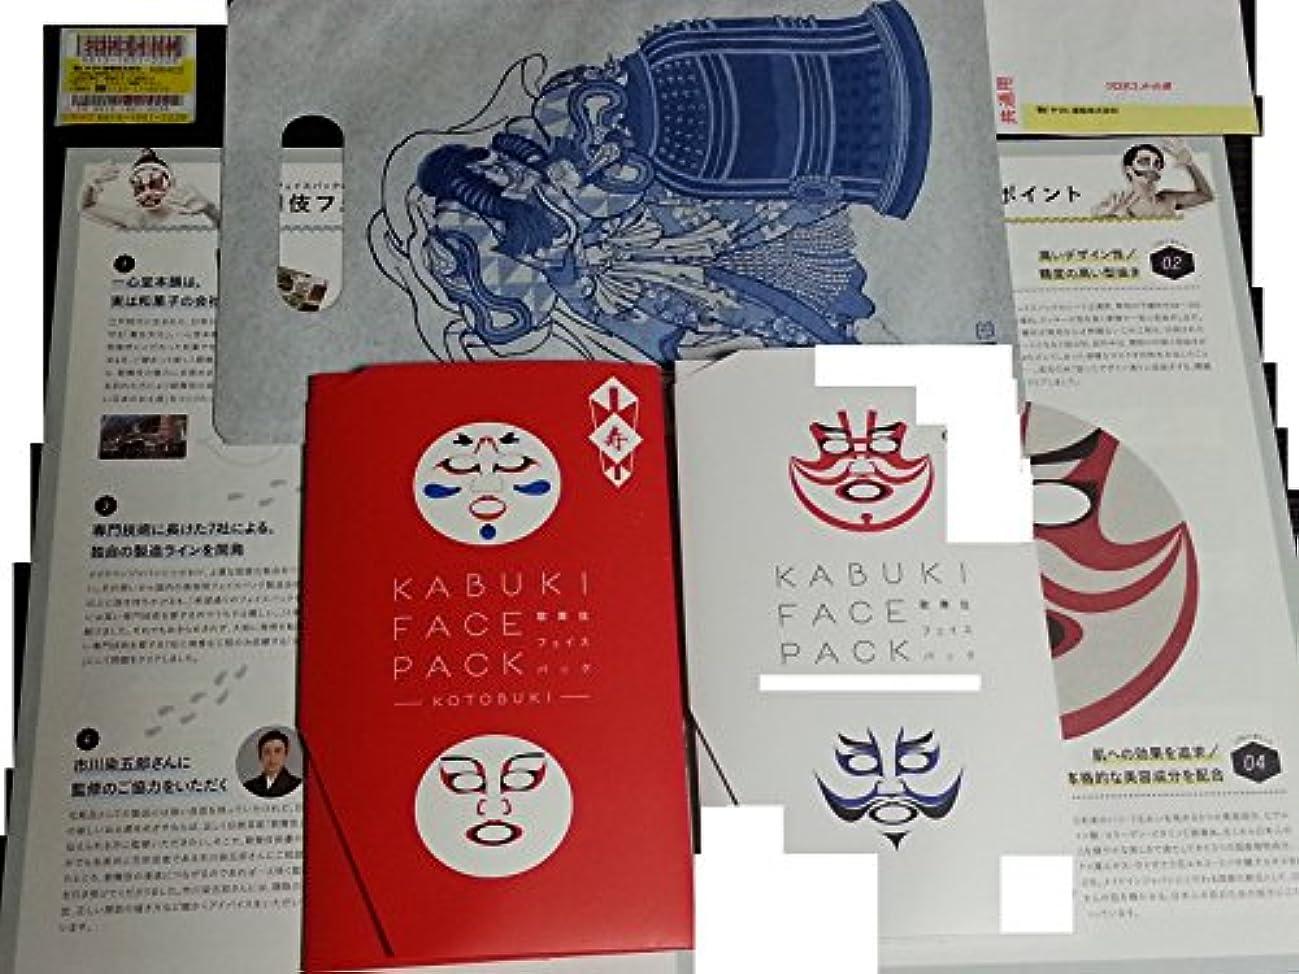 想像する一定信仰歌舞伎フェイスパック セット  KABUKI FACE PACK -ISESHIMA- & -KOTOBUKI- (伊勢志摩&寿)全2点セット